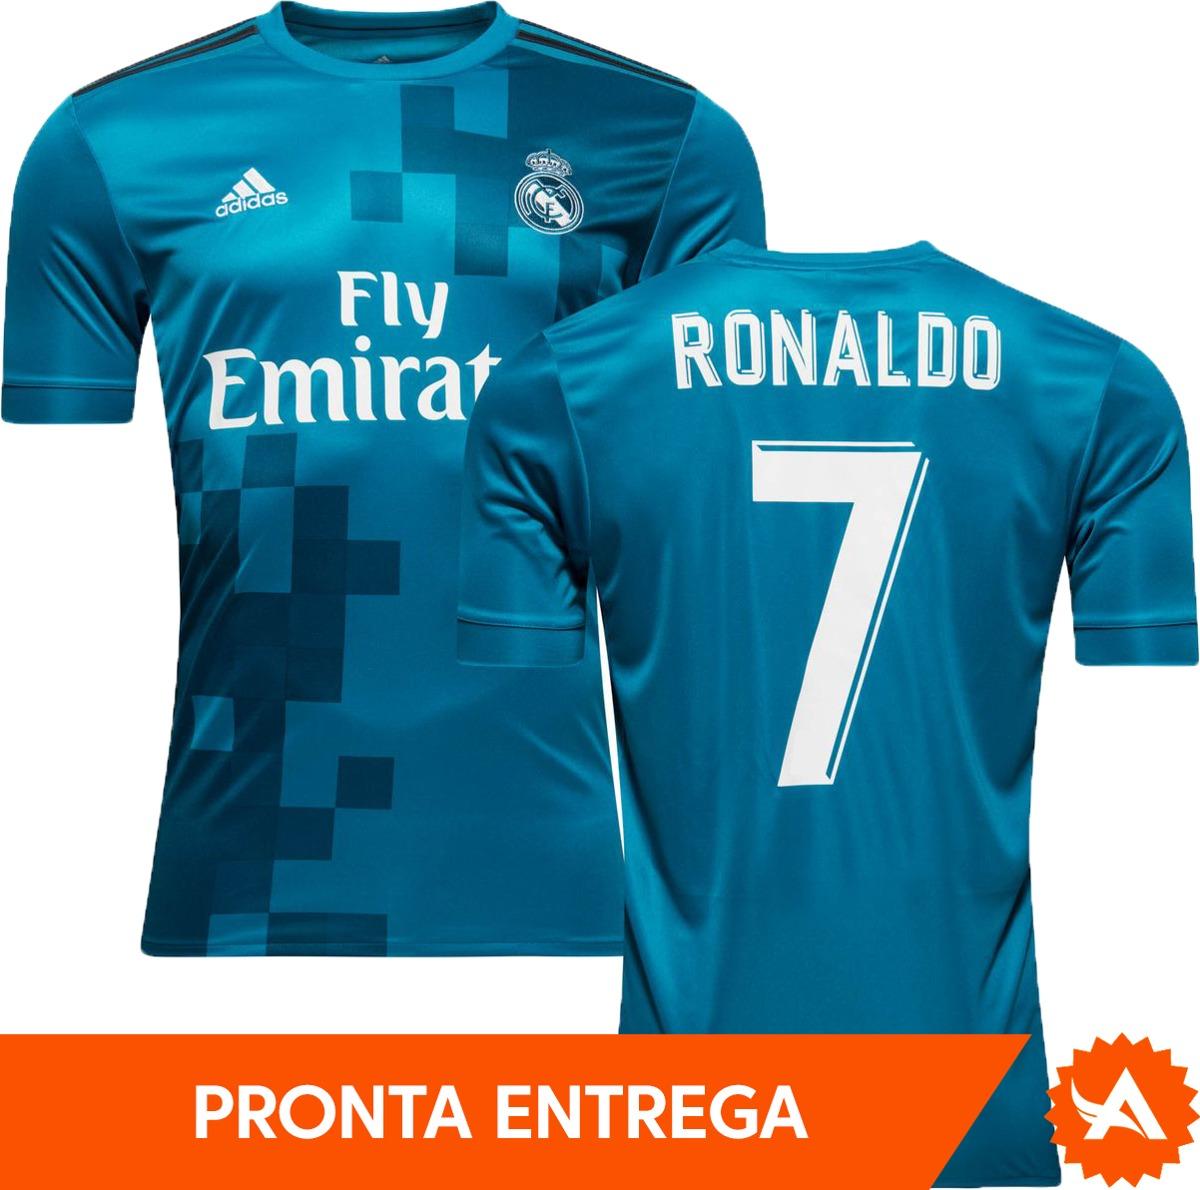 13a1804f4 camisa real madrid adidas third 2018 azul - nº7 ronaldo. Carregando zoom.